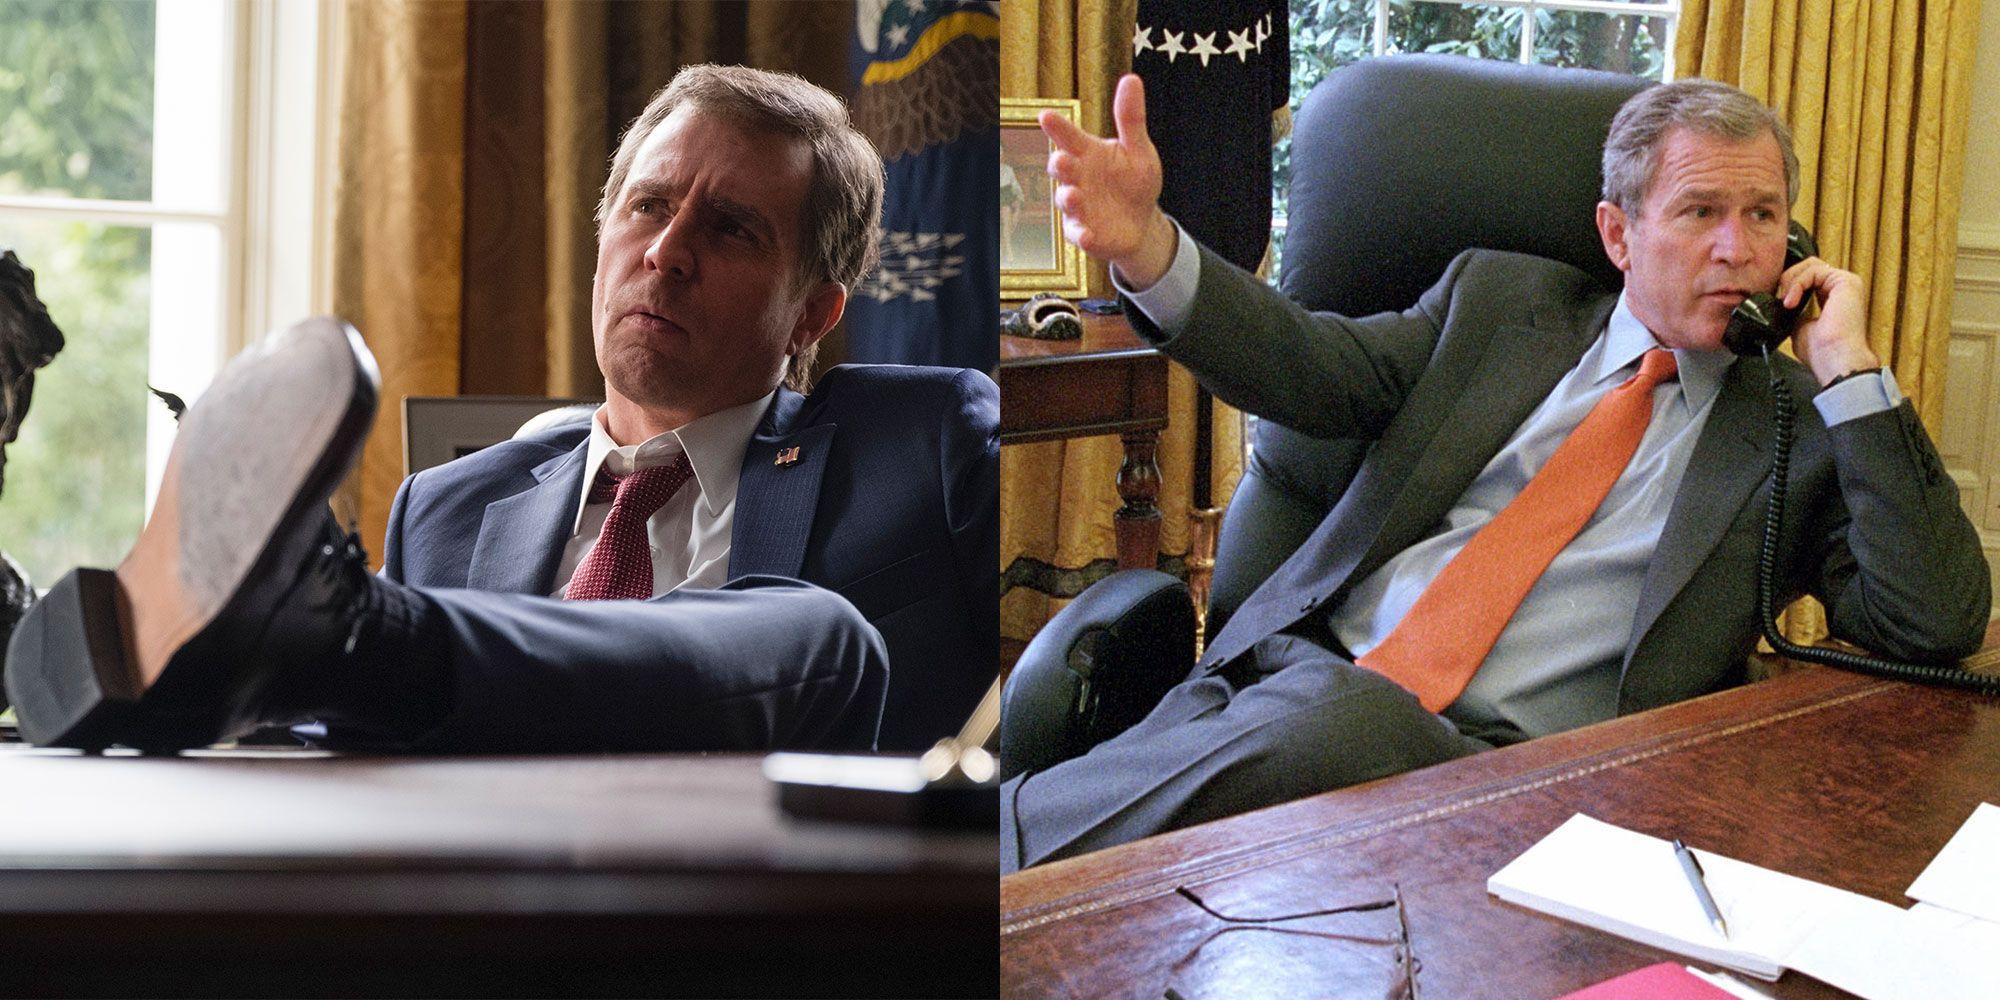 Sam Rockwell as George W Bush